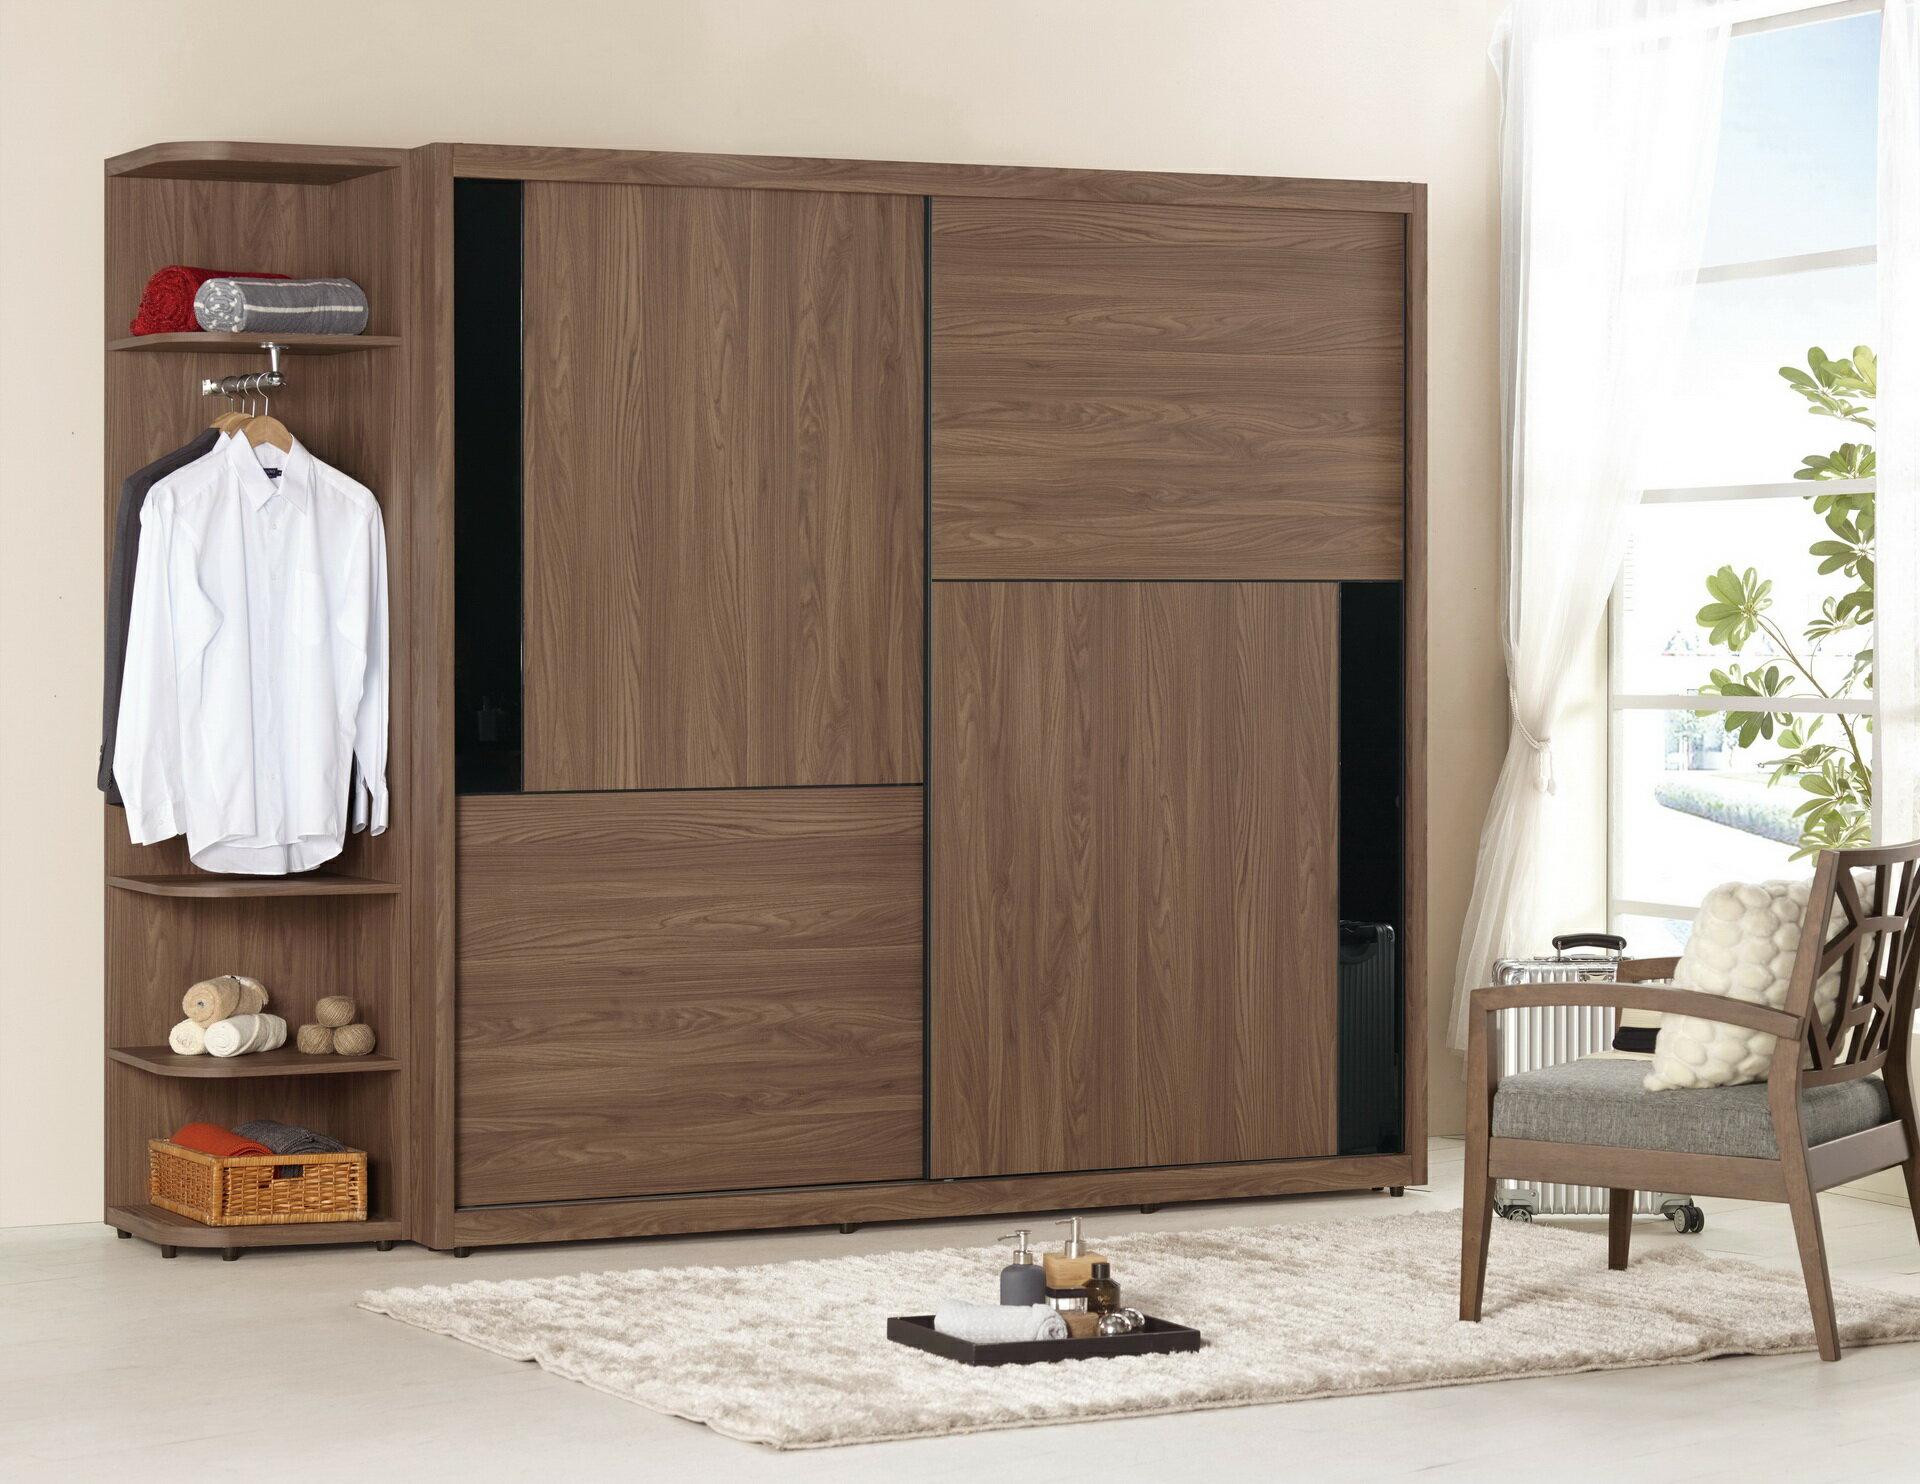 【簡單家具】,G042-1 約克7尺拉門衣櫥/衣櫃,大台北都會區免運費!